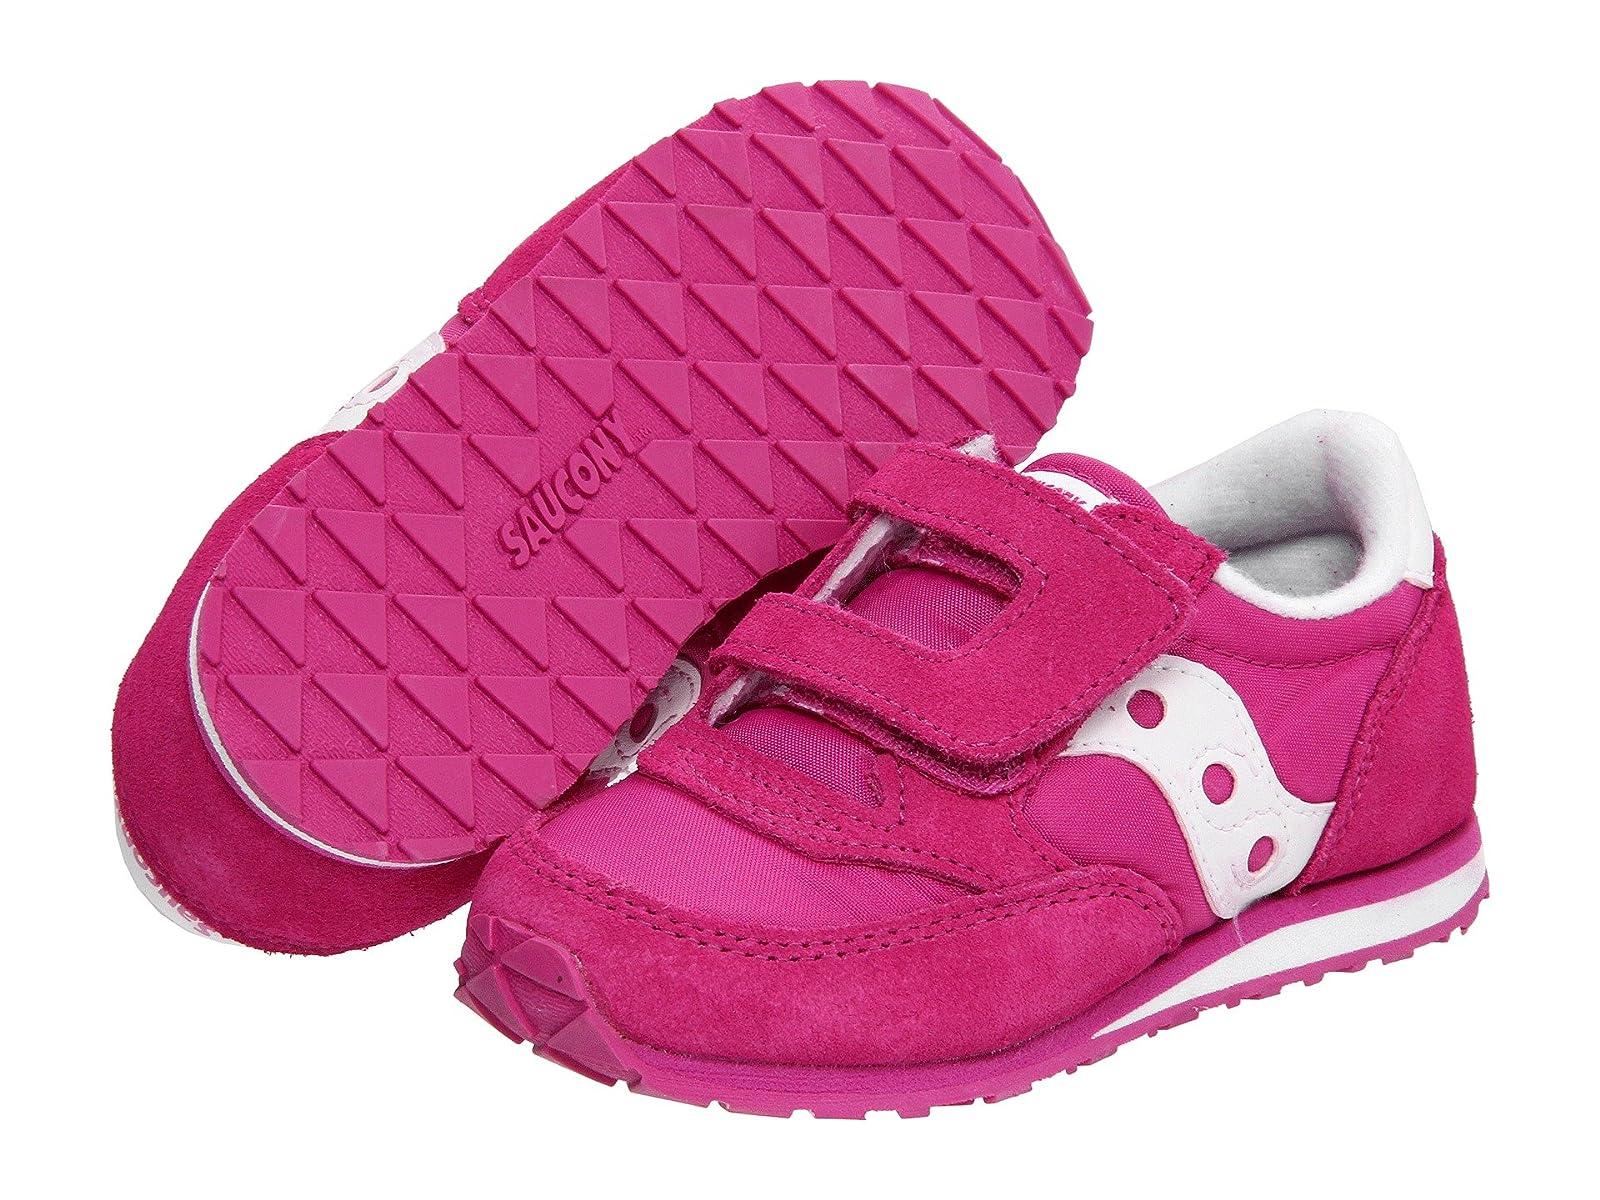 Saucony Kids Originals Jazz Hook & Loop (Toddler/Little Kid)Atmospheric grades have affordable shoes